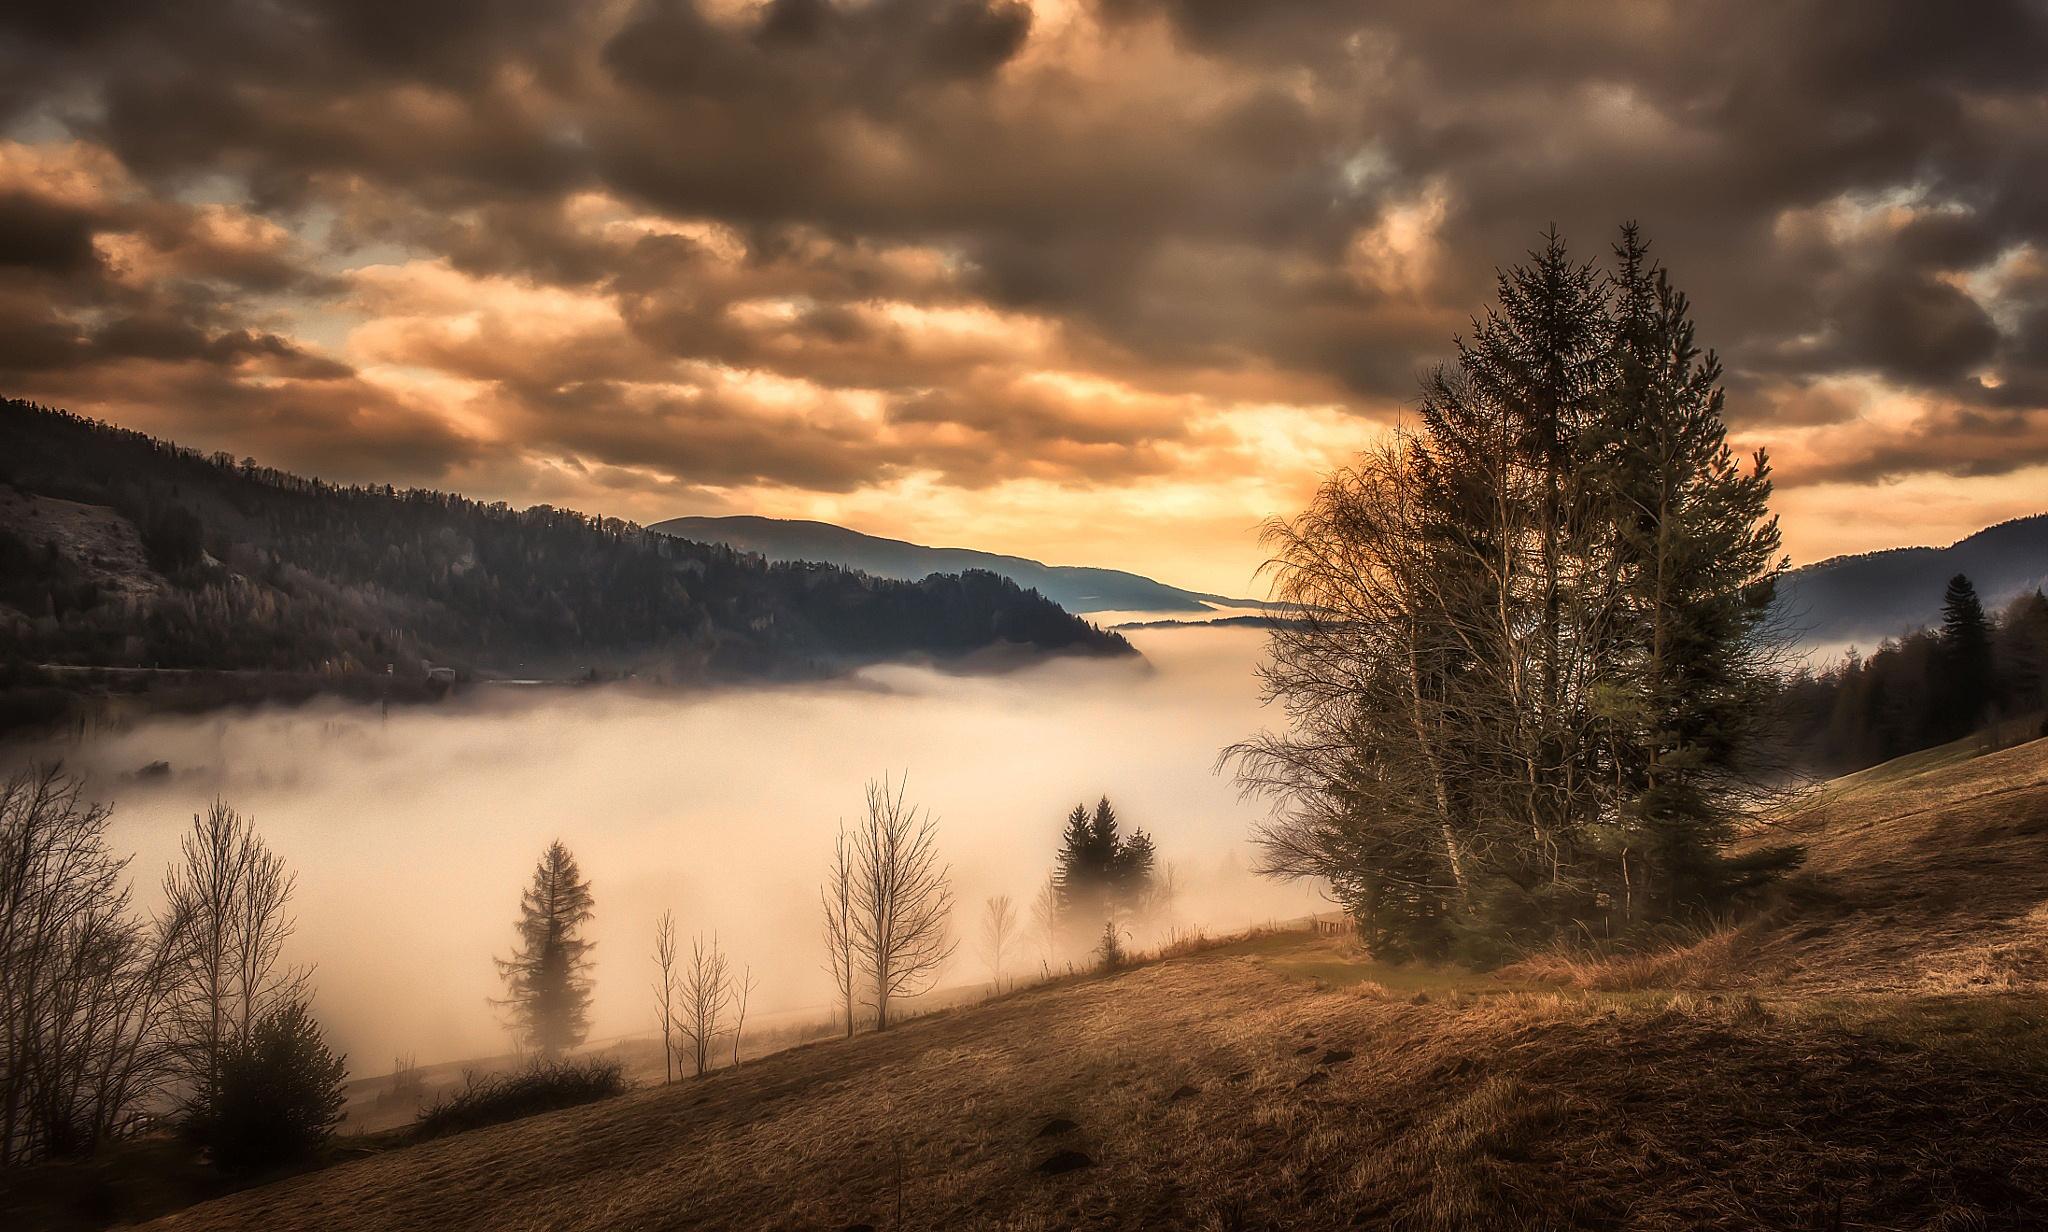 горы, закат, туман бесплатно